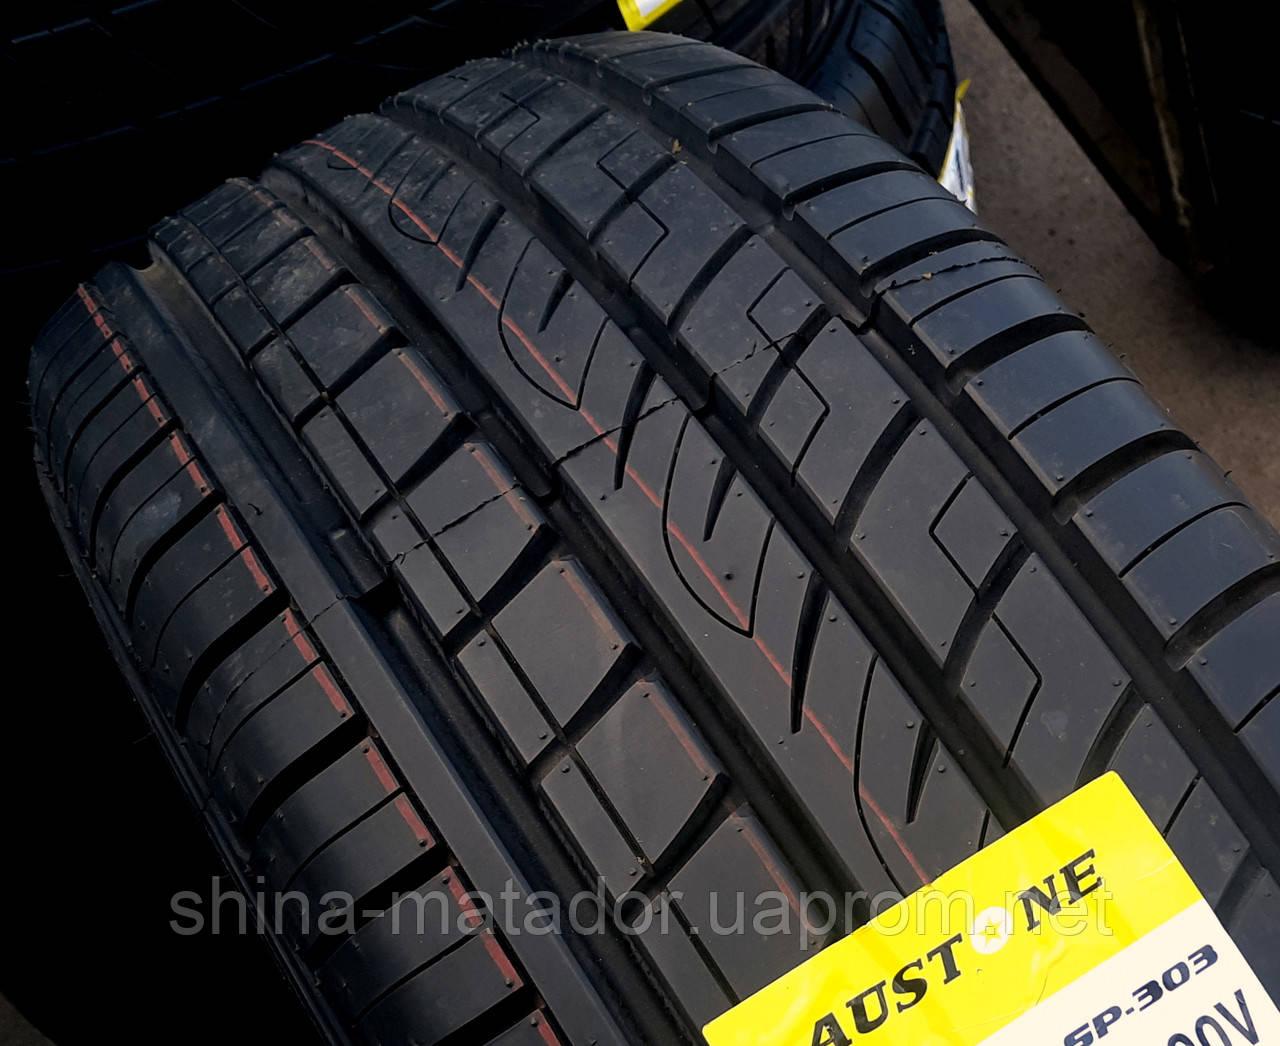 Купить Шины 245/55 R19 103W Austone Athena SP-303